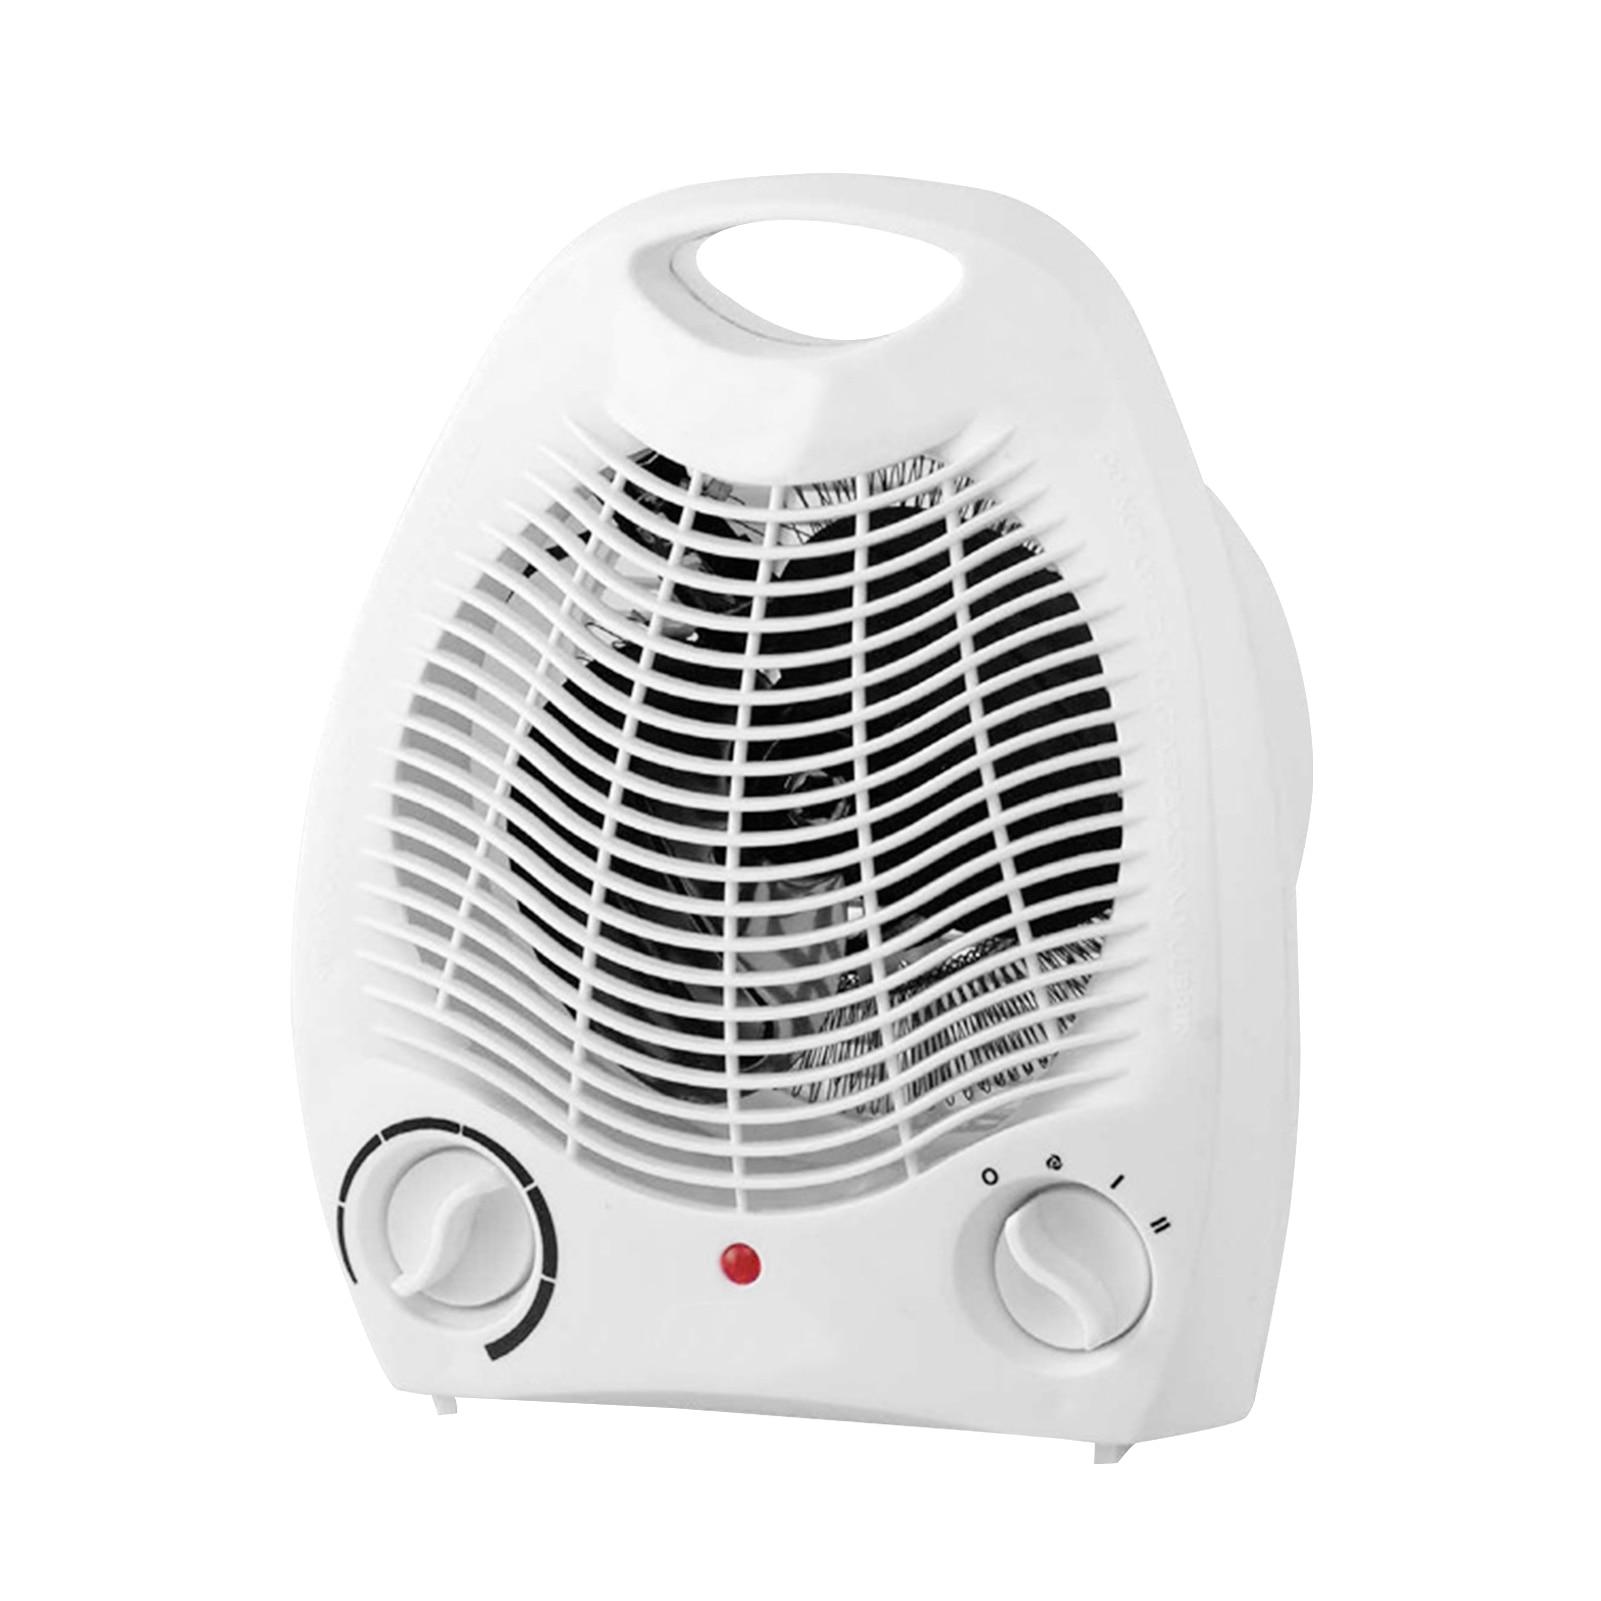 1000/2000 Вт домашний Обогреватель Вентилятор быстрое электрическое охлаждение нагревательный вентилятор портативный горячий вентилятор зим...